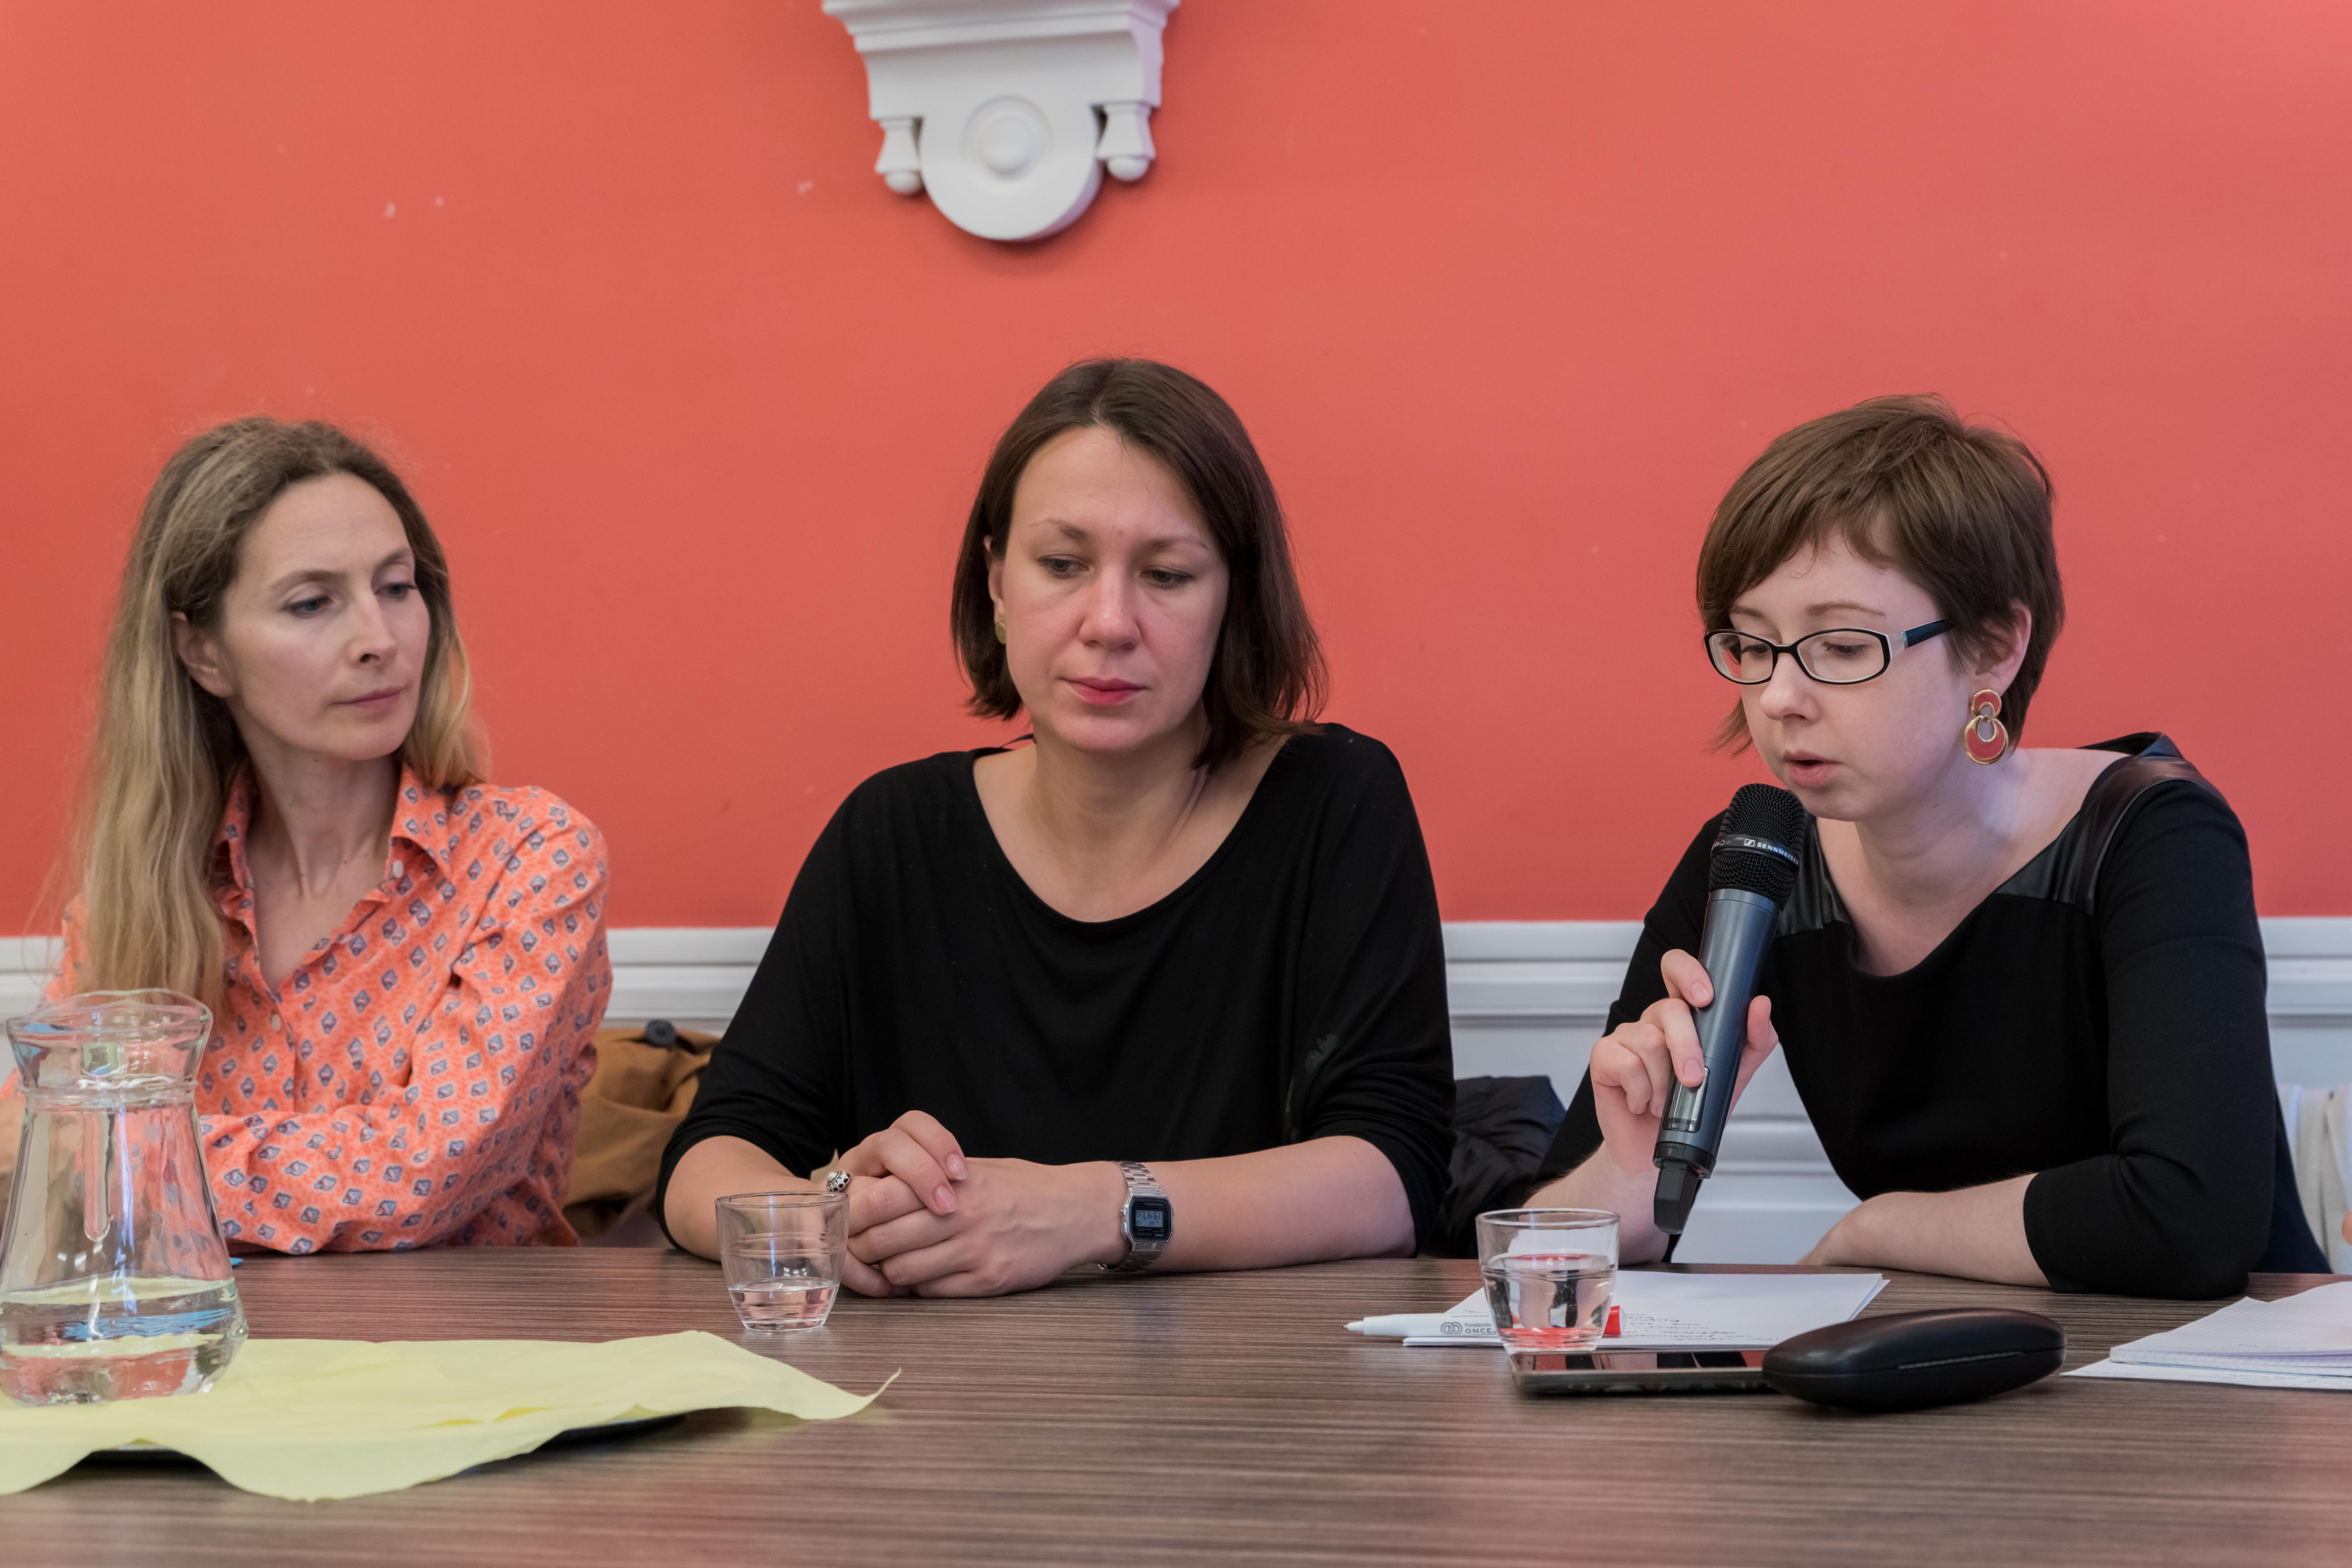 Irina Gordienko: La sentinelle russe des droits humains